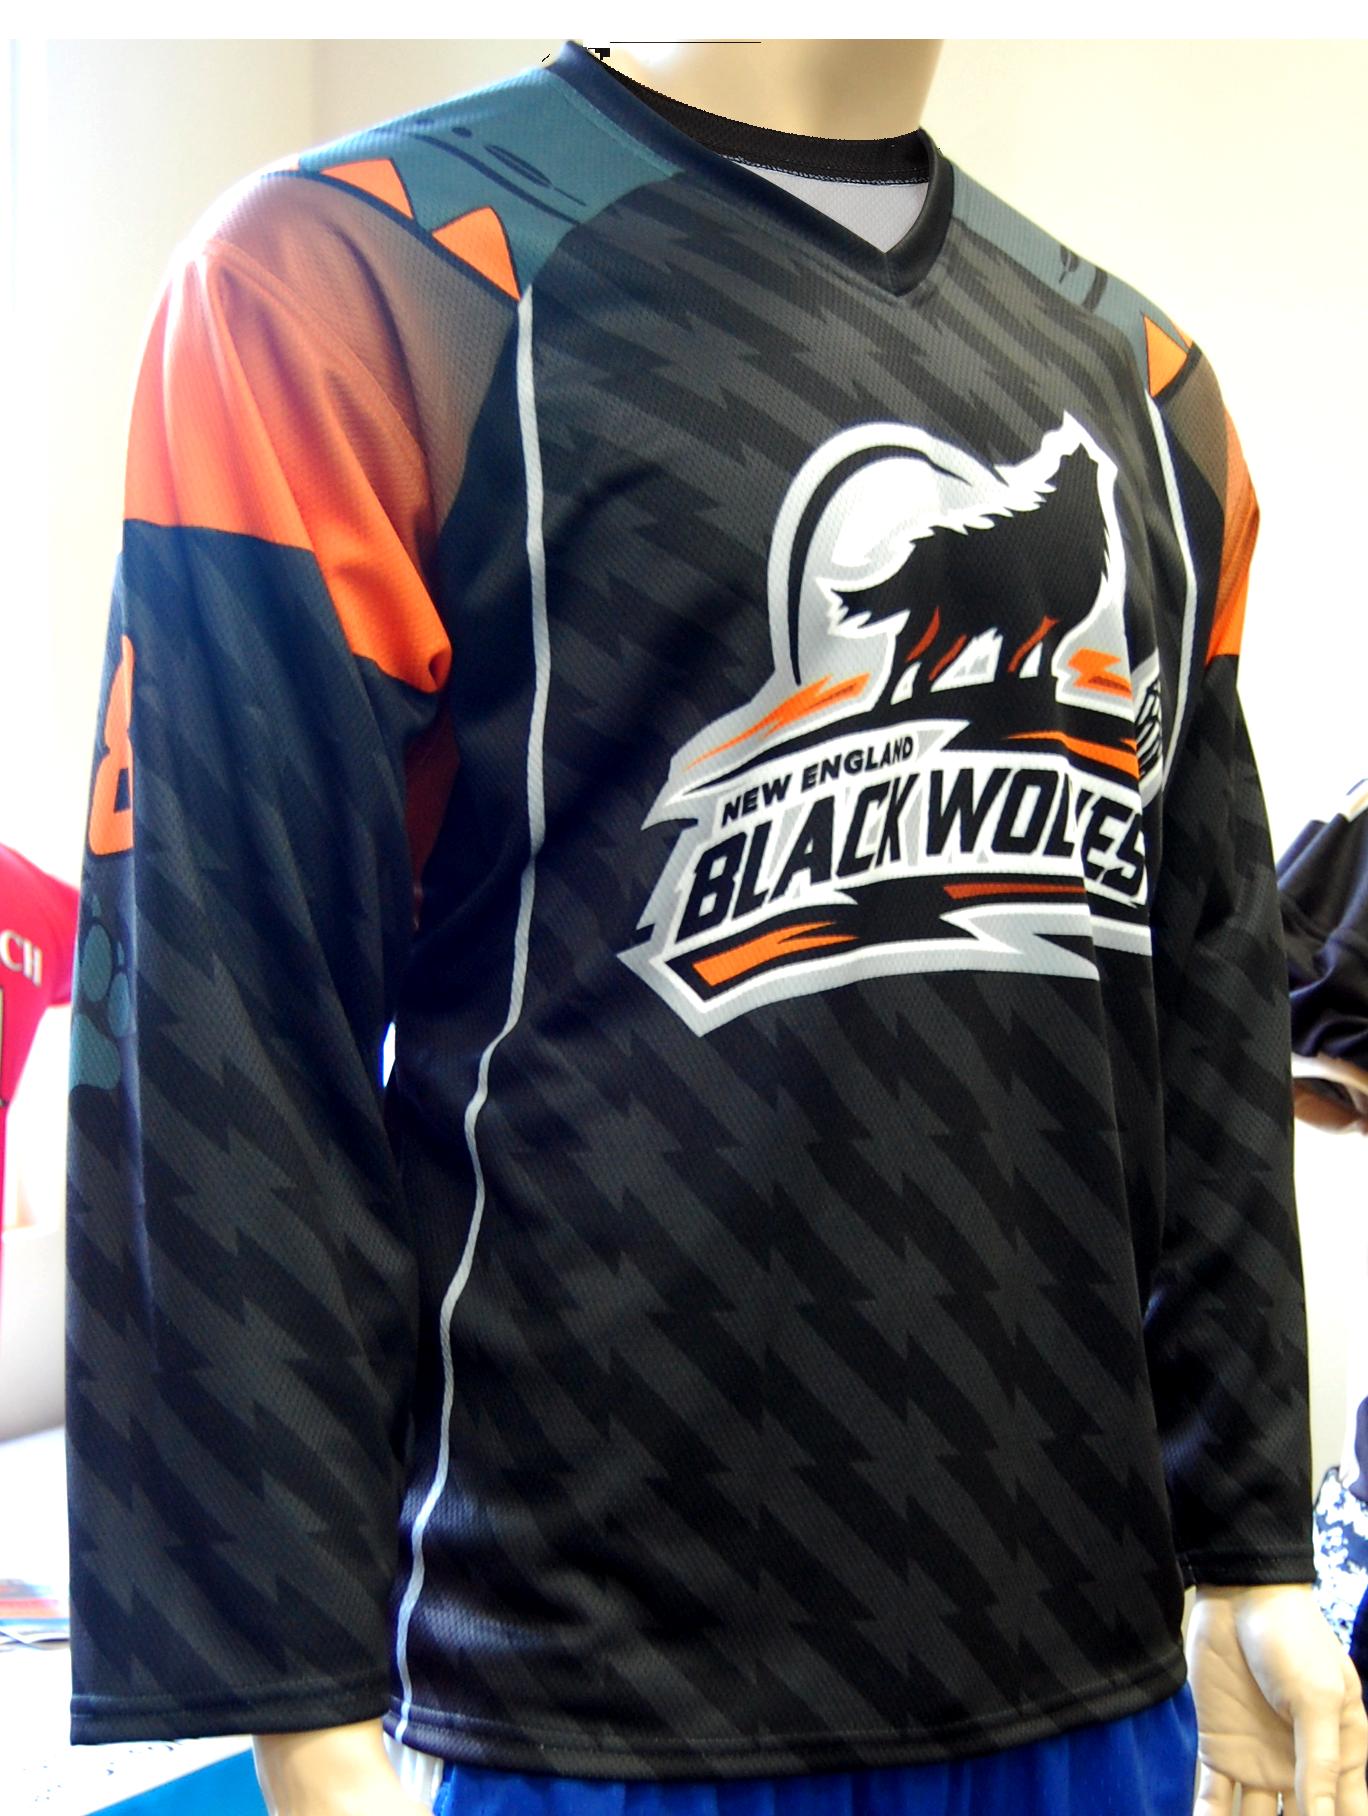 Box Lacrosse Jersey